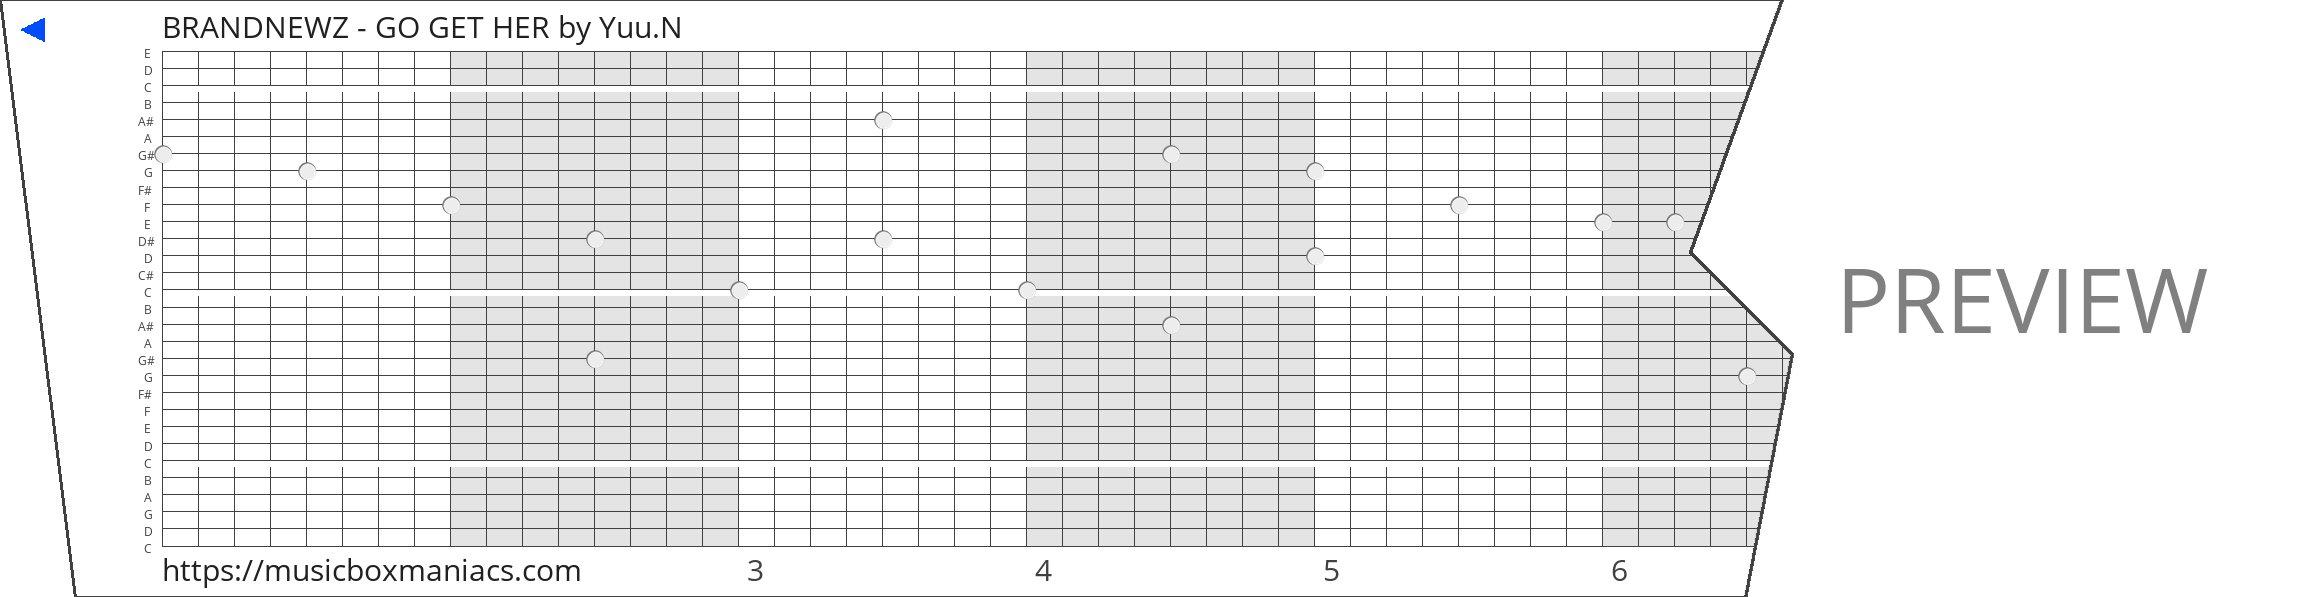 BRANDNEWZ - GO GET HER 30 note music box paper strip